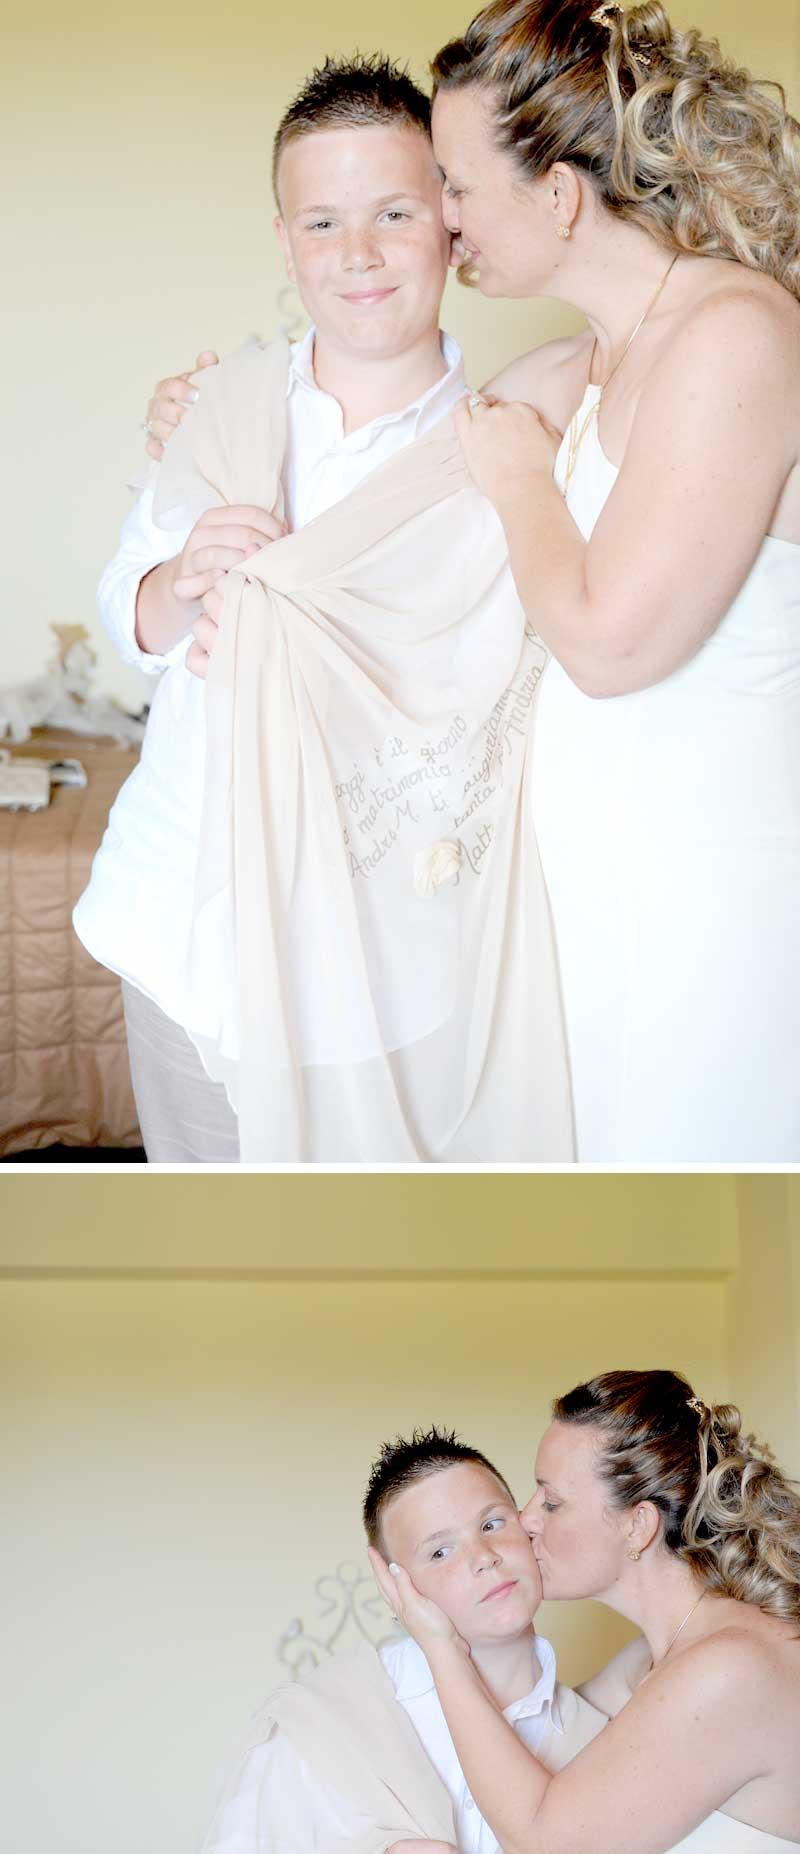 abito sposa country chic, anche i figli sono vestiti a tema